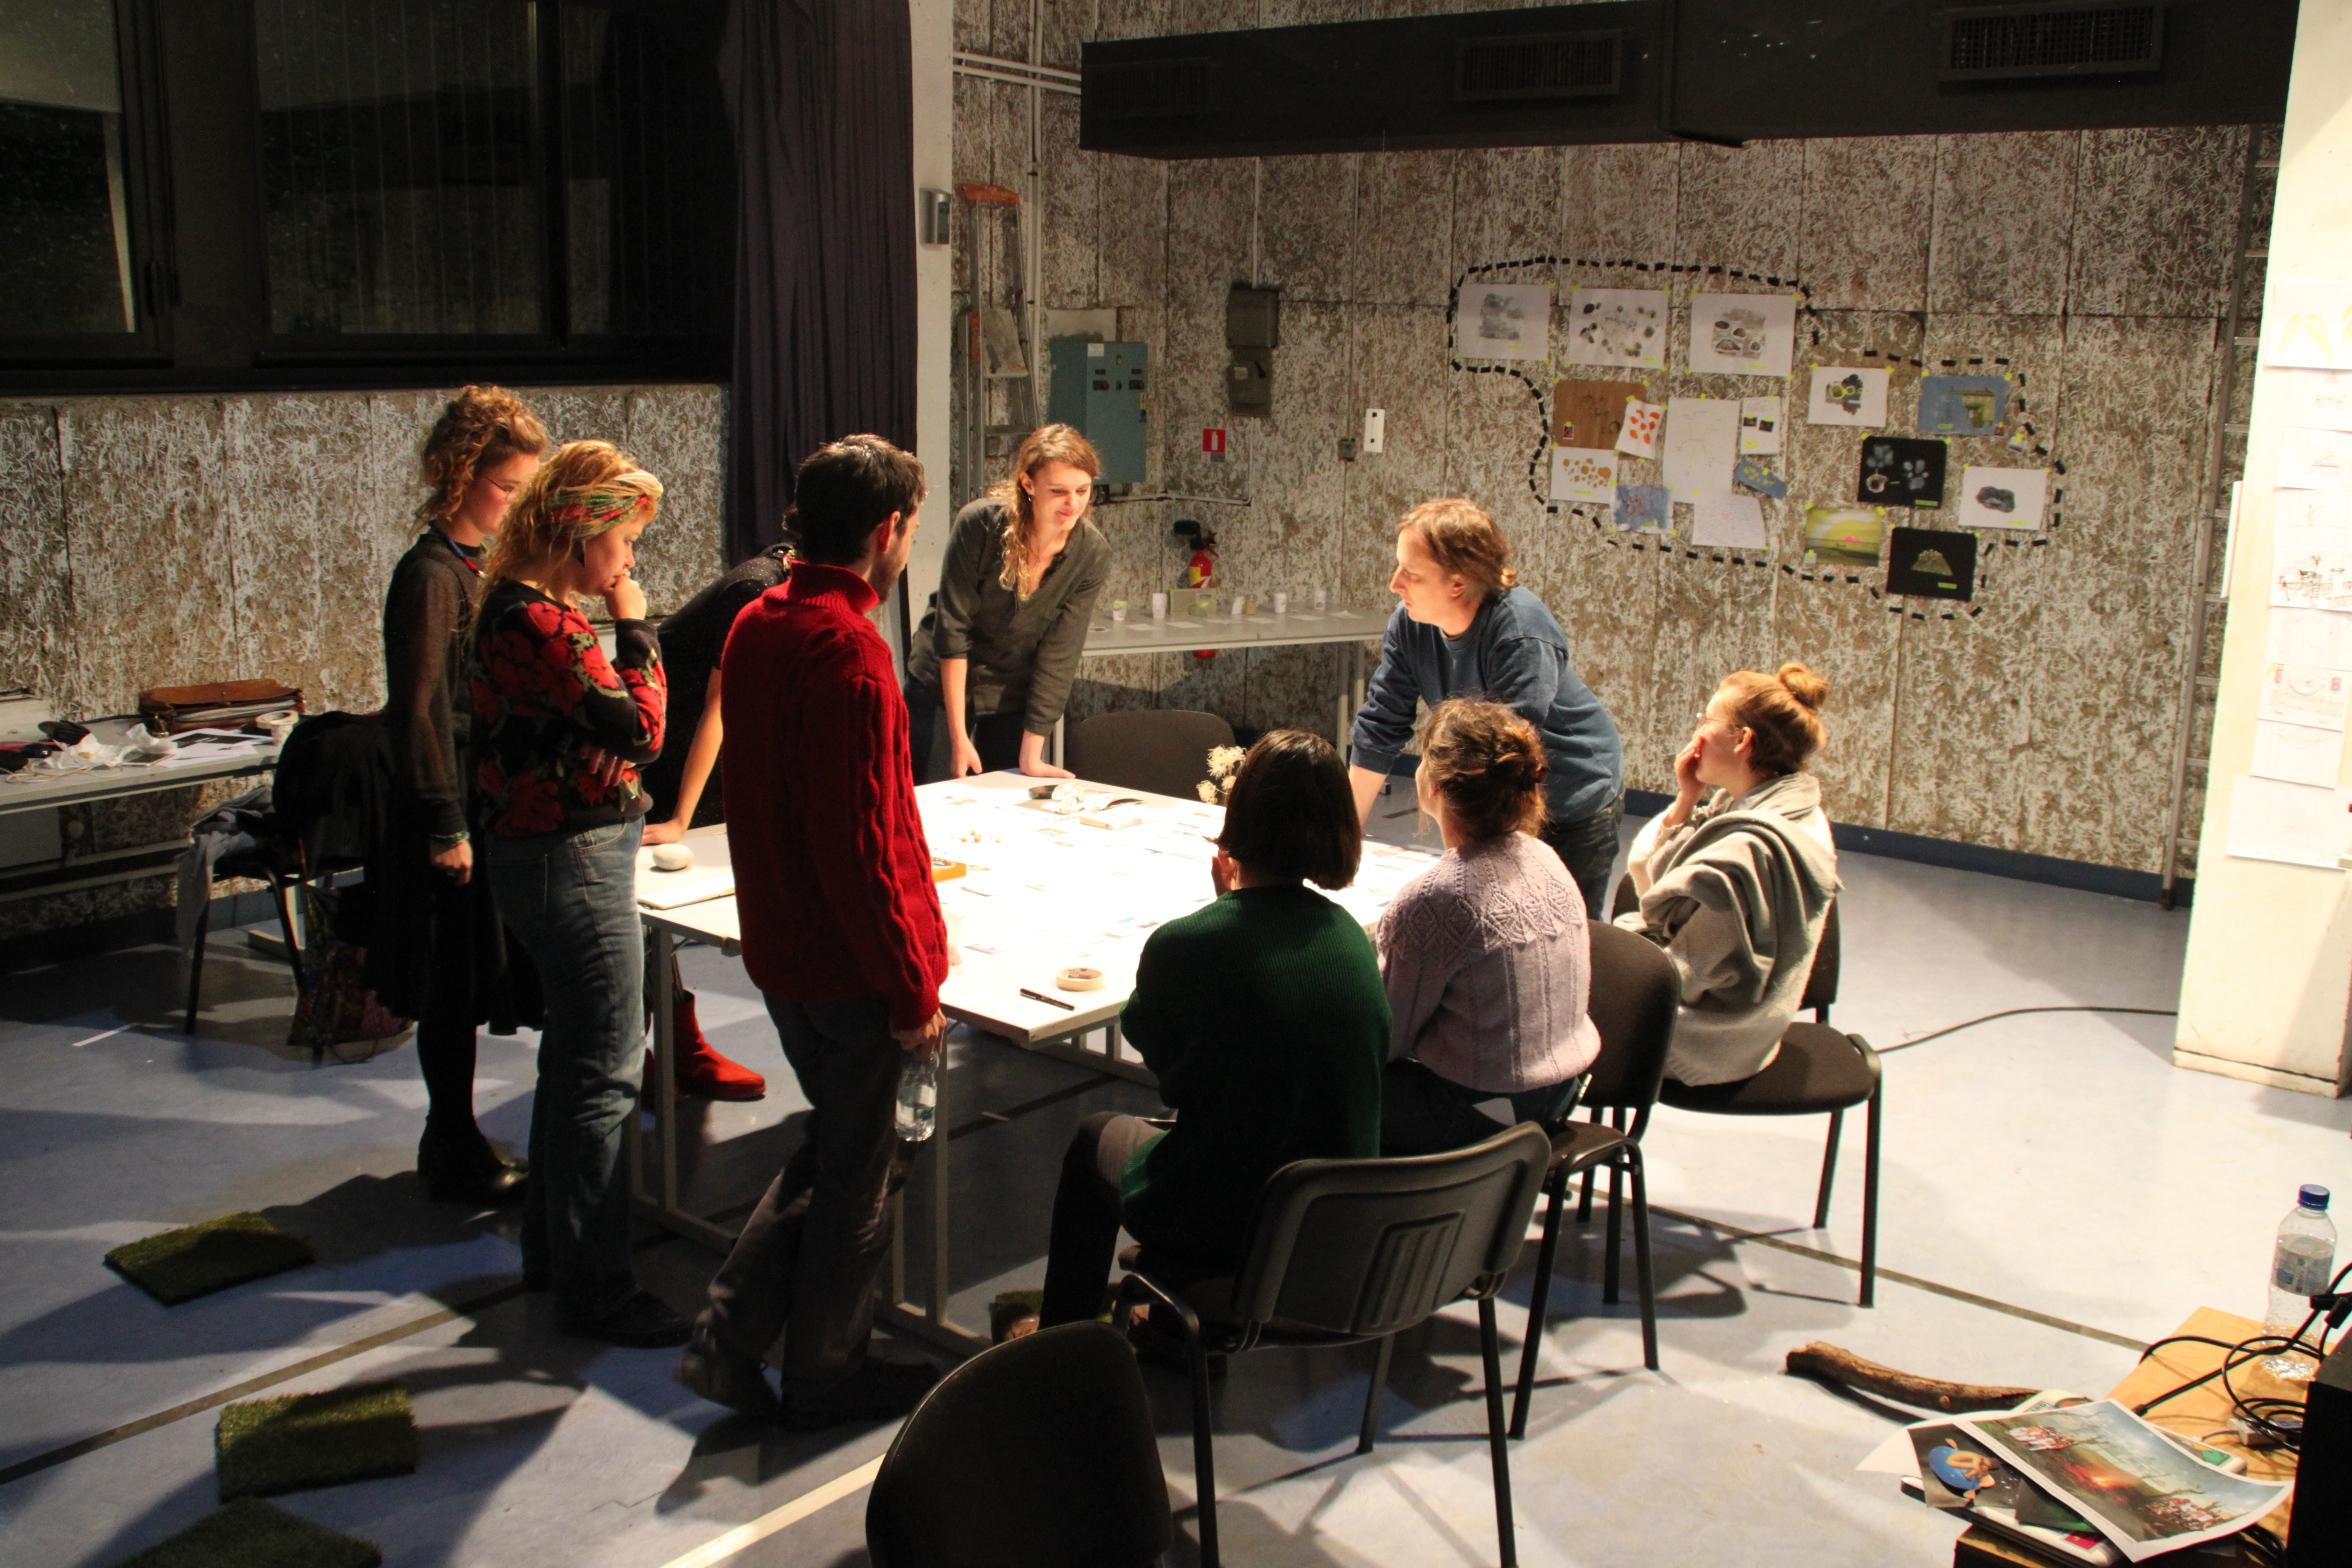 Les étudiants et Philippe Quesne discutent autour d'une table